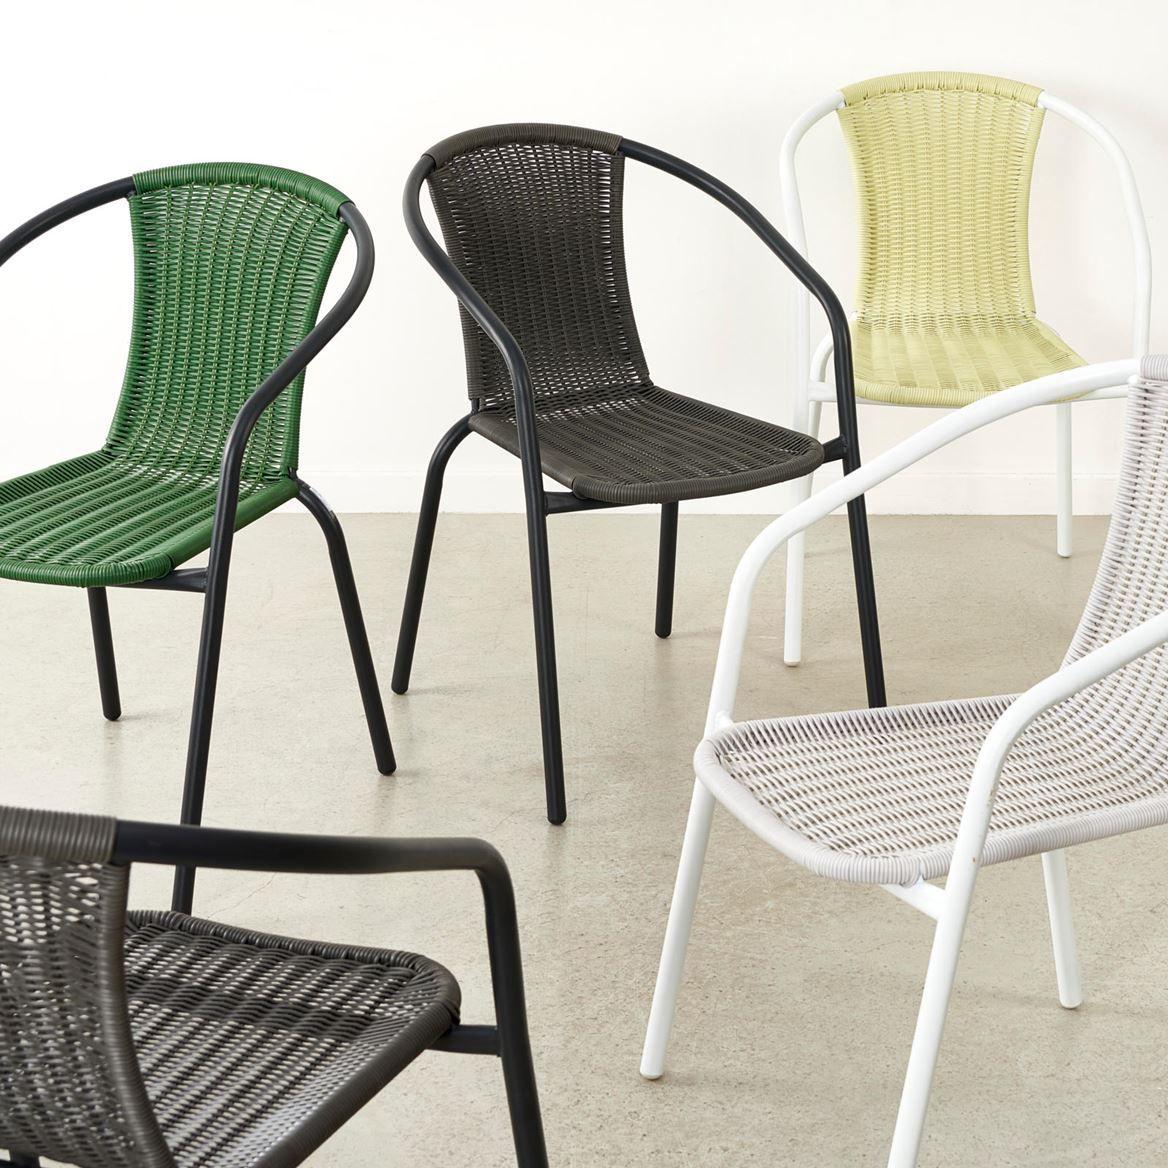 Gerona Stapelstoel Grijs H 77 X B 53 X D 58 Cm Gerona Stapelstoel Grijs H 77 X B 53 X D 58 Cm Chaise Empilable Chaise De Jardin Mobilier De Salon